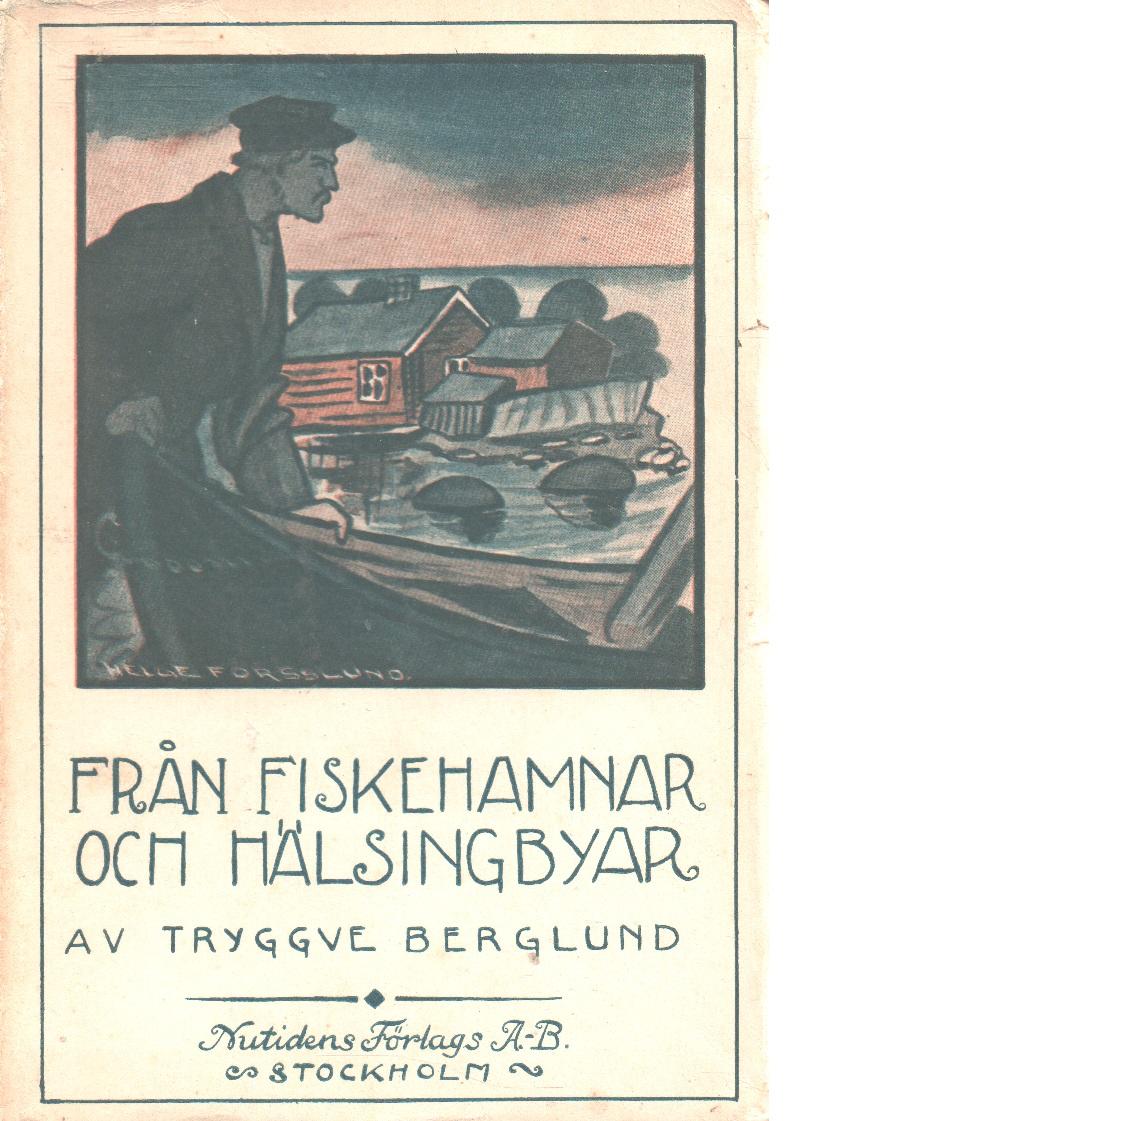 Från fiskehamnar och hälsingbyar : nya historier - Berglund, Tryggve